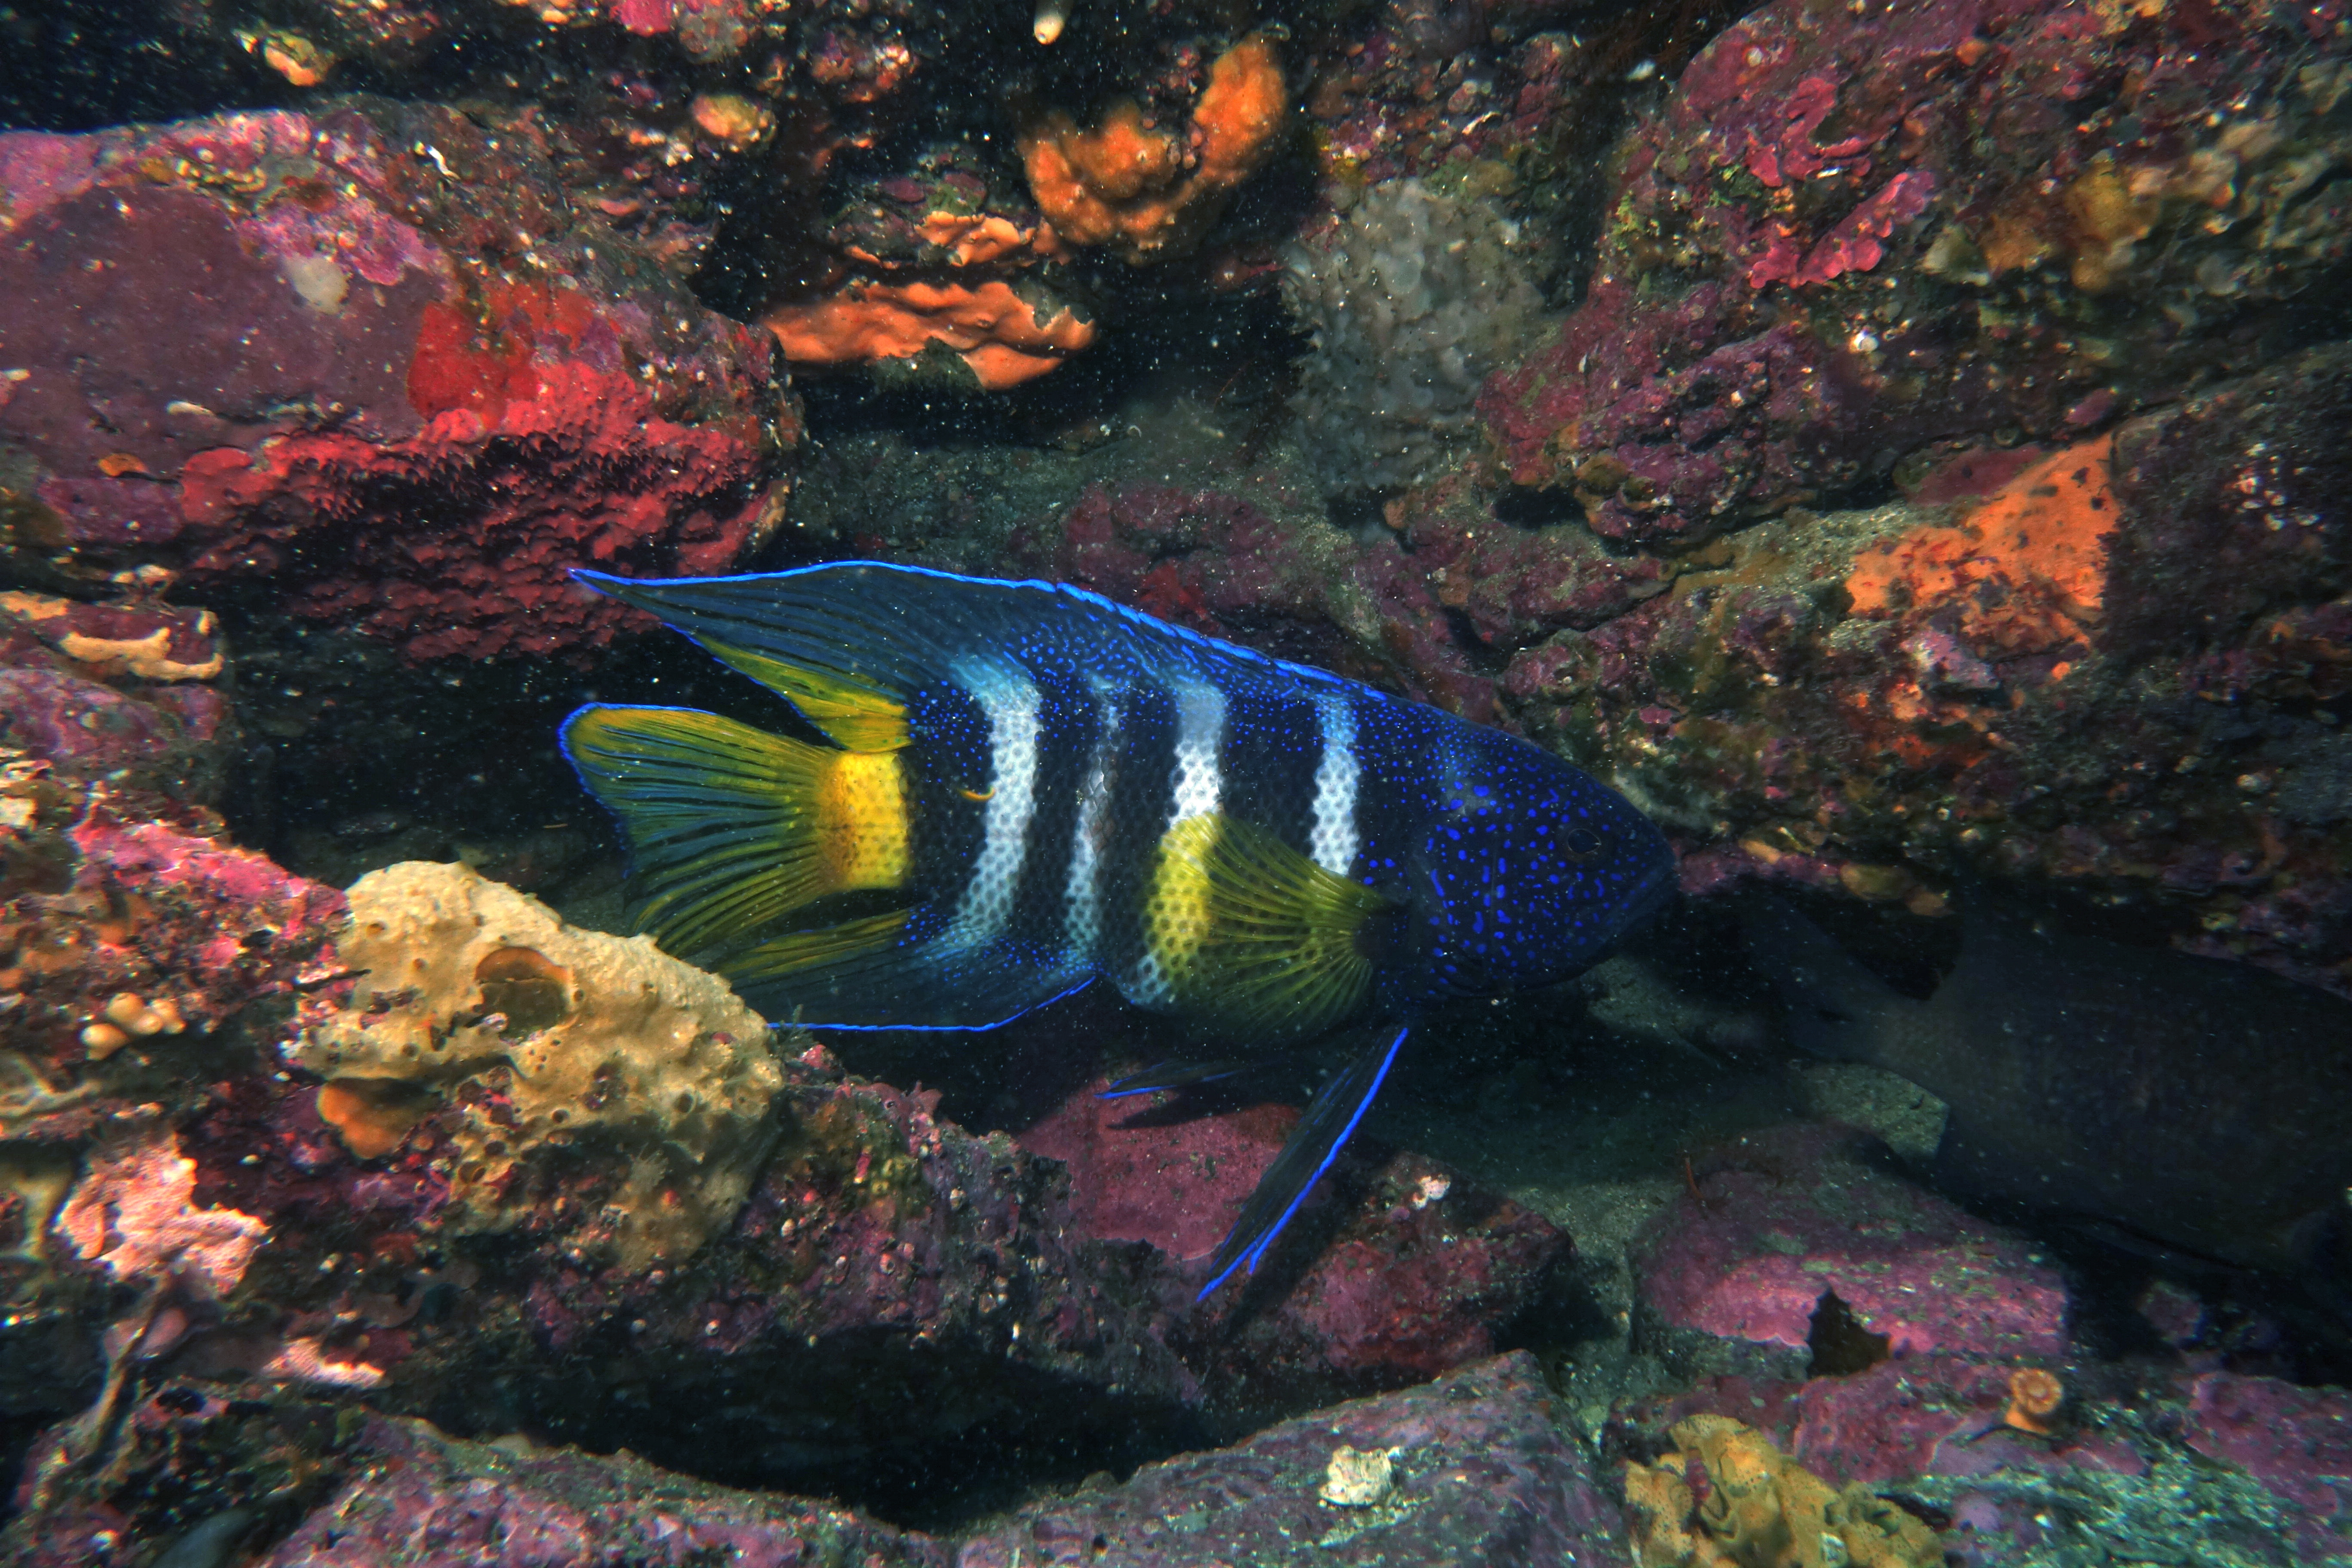 Image of Bleeker's devilfish